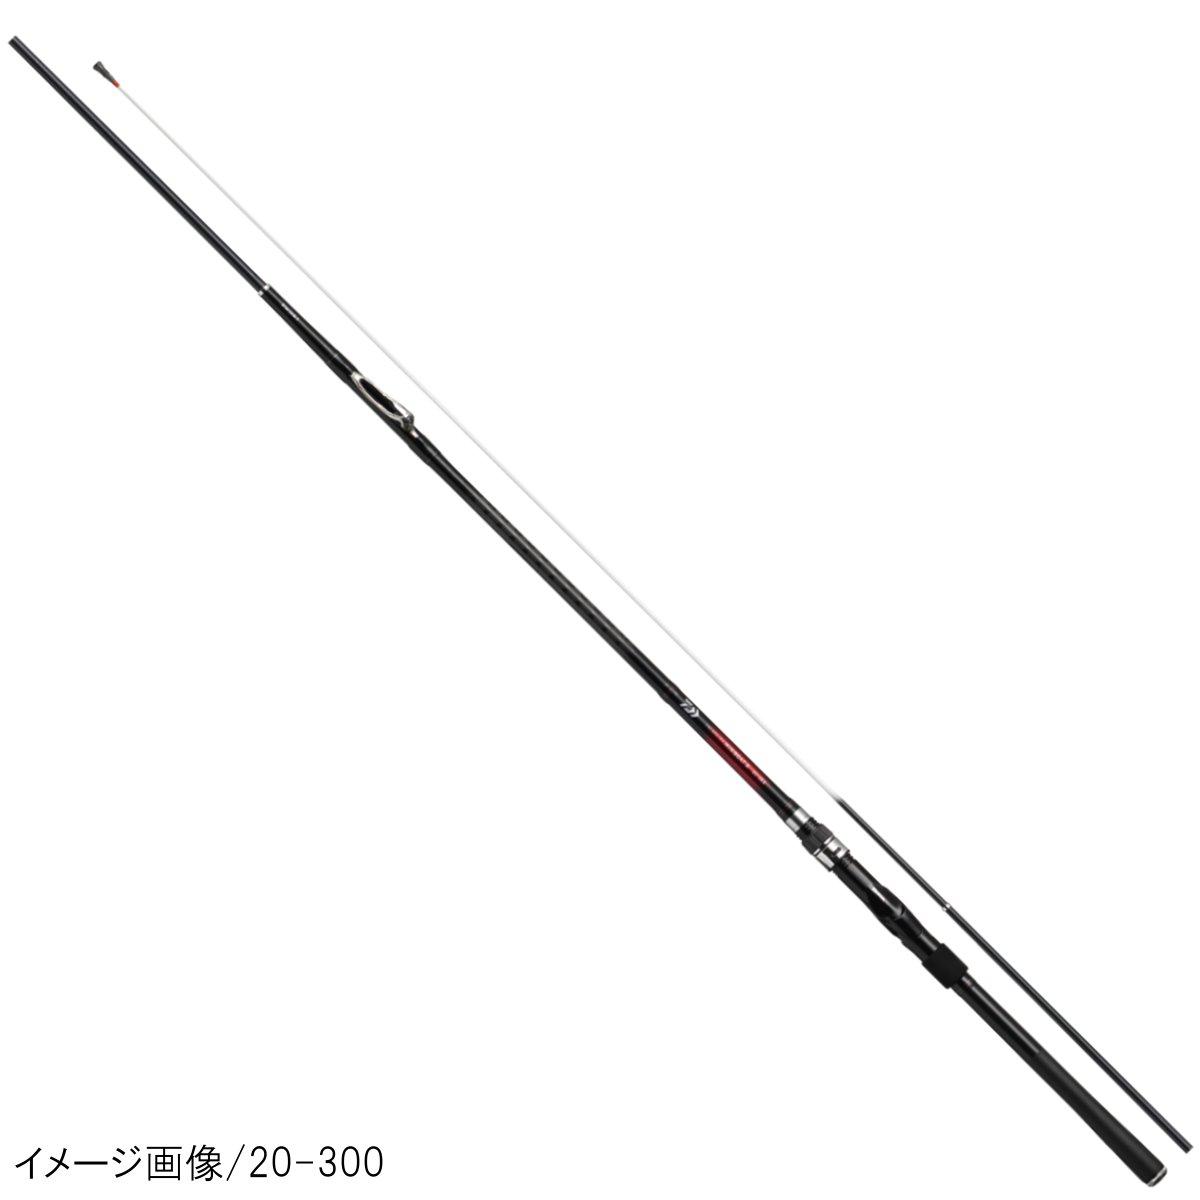 ダイワ インターライン ミニボート X 20-360【送料無料】